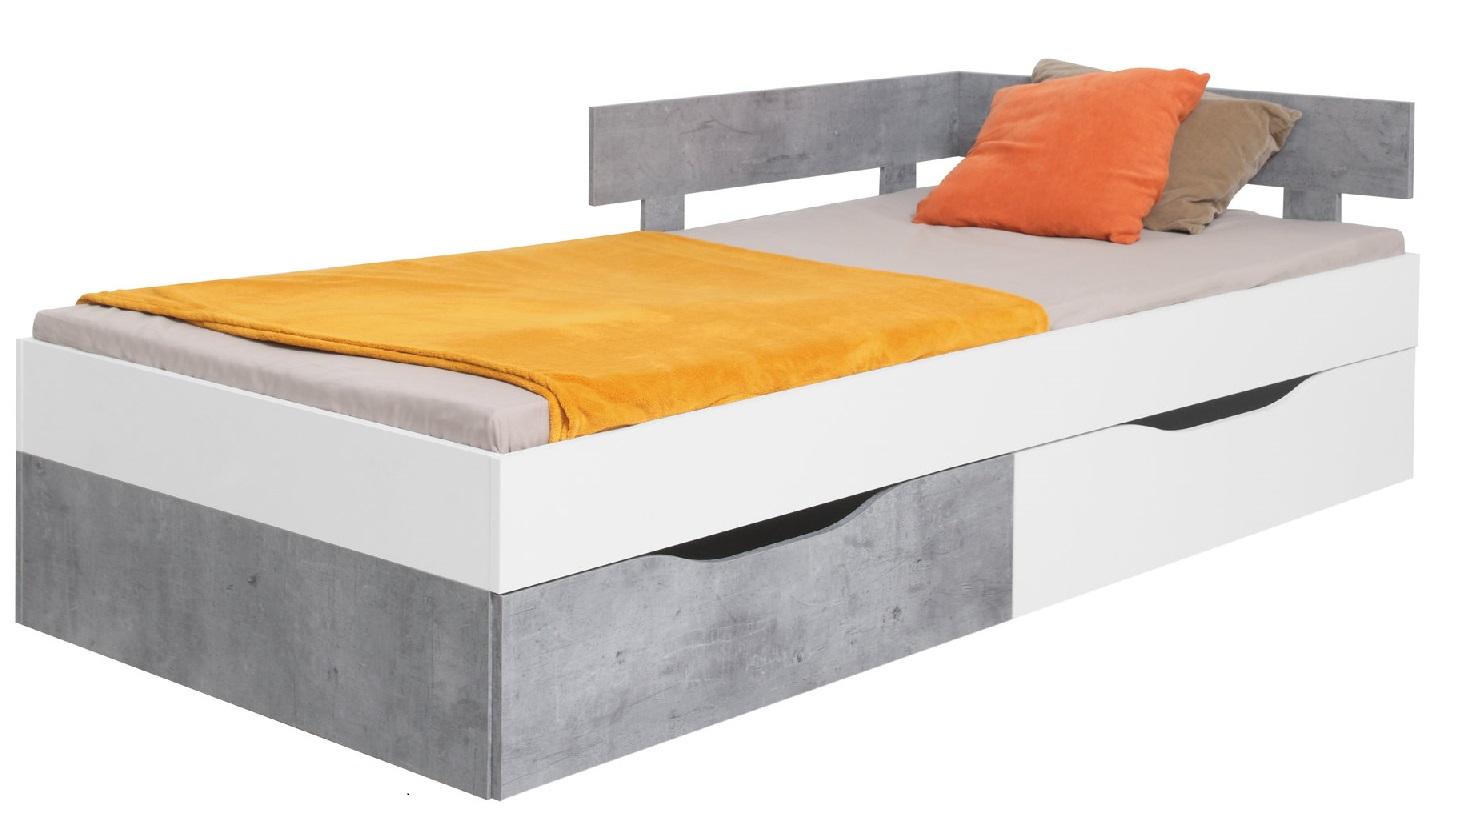 Full Size of Kinderbett Jugendbett Simon S16 120x200 Deine Moebel 24 Einfach Bett Weiß Schöne Betten Krankenhaus 140x200 100x200 Modernes Minion Aus Holz 120 X 200 Bett 120x200 Bett